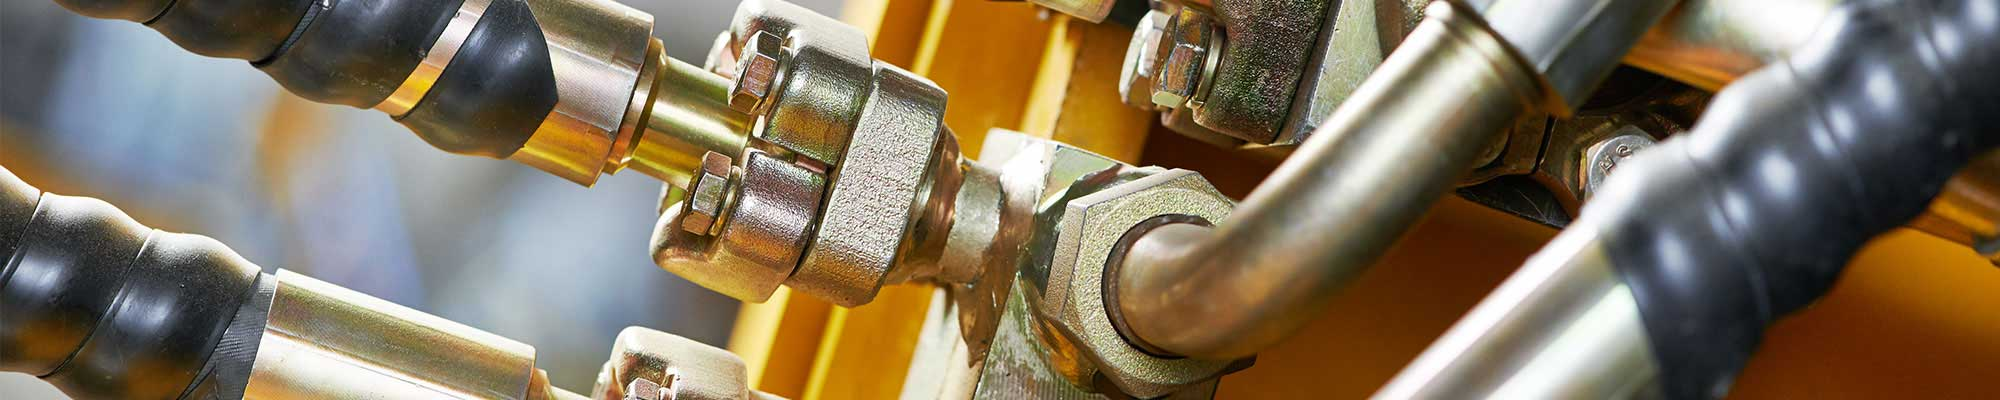 basic-hydraulic-troubleshooting